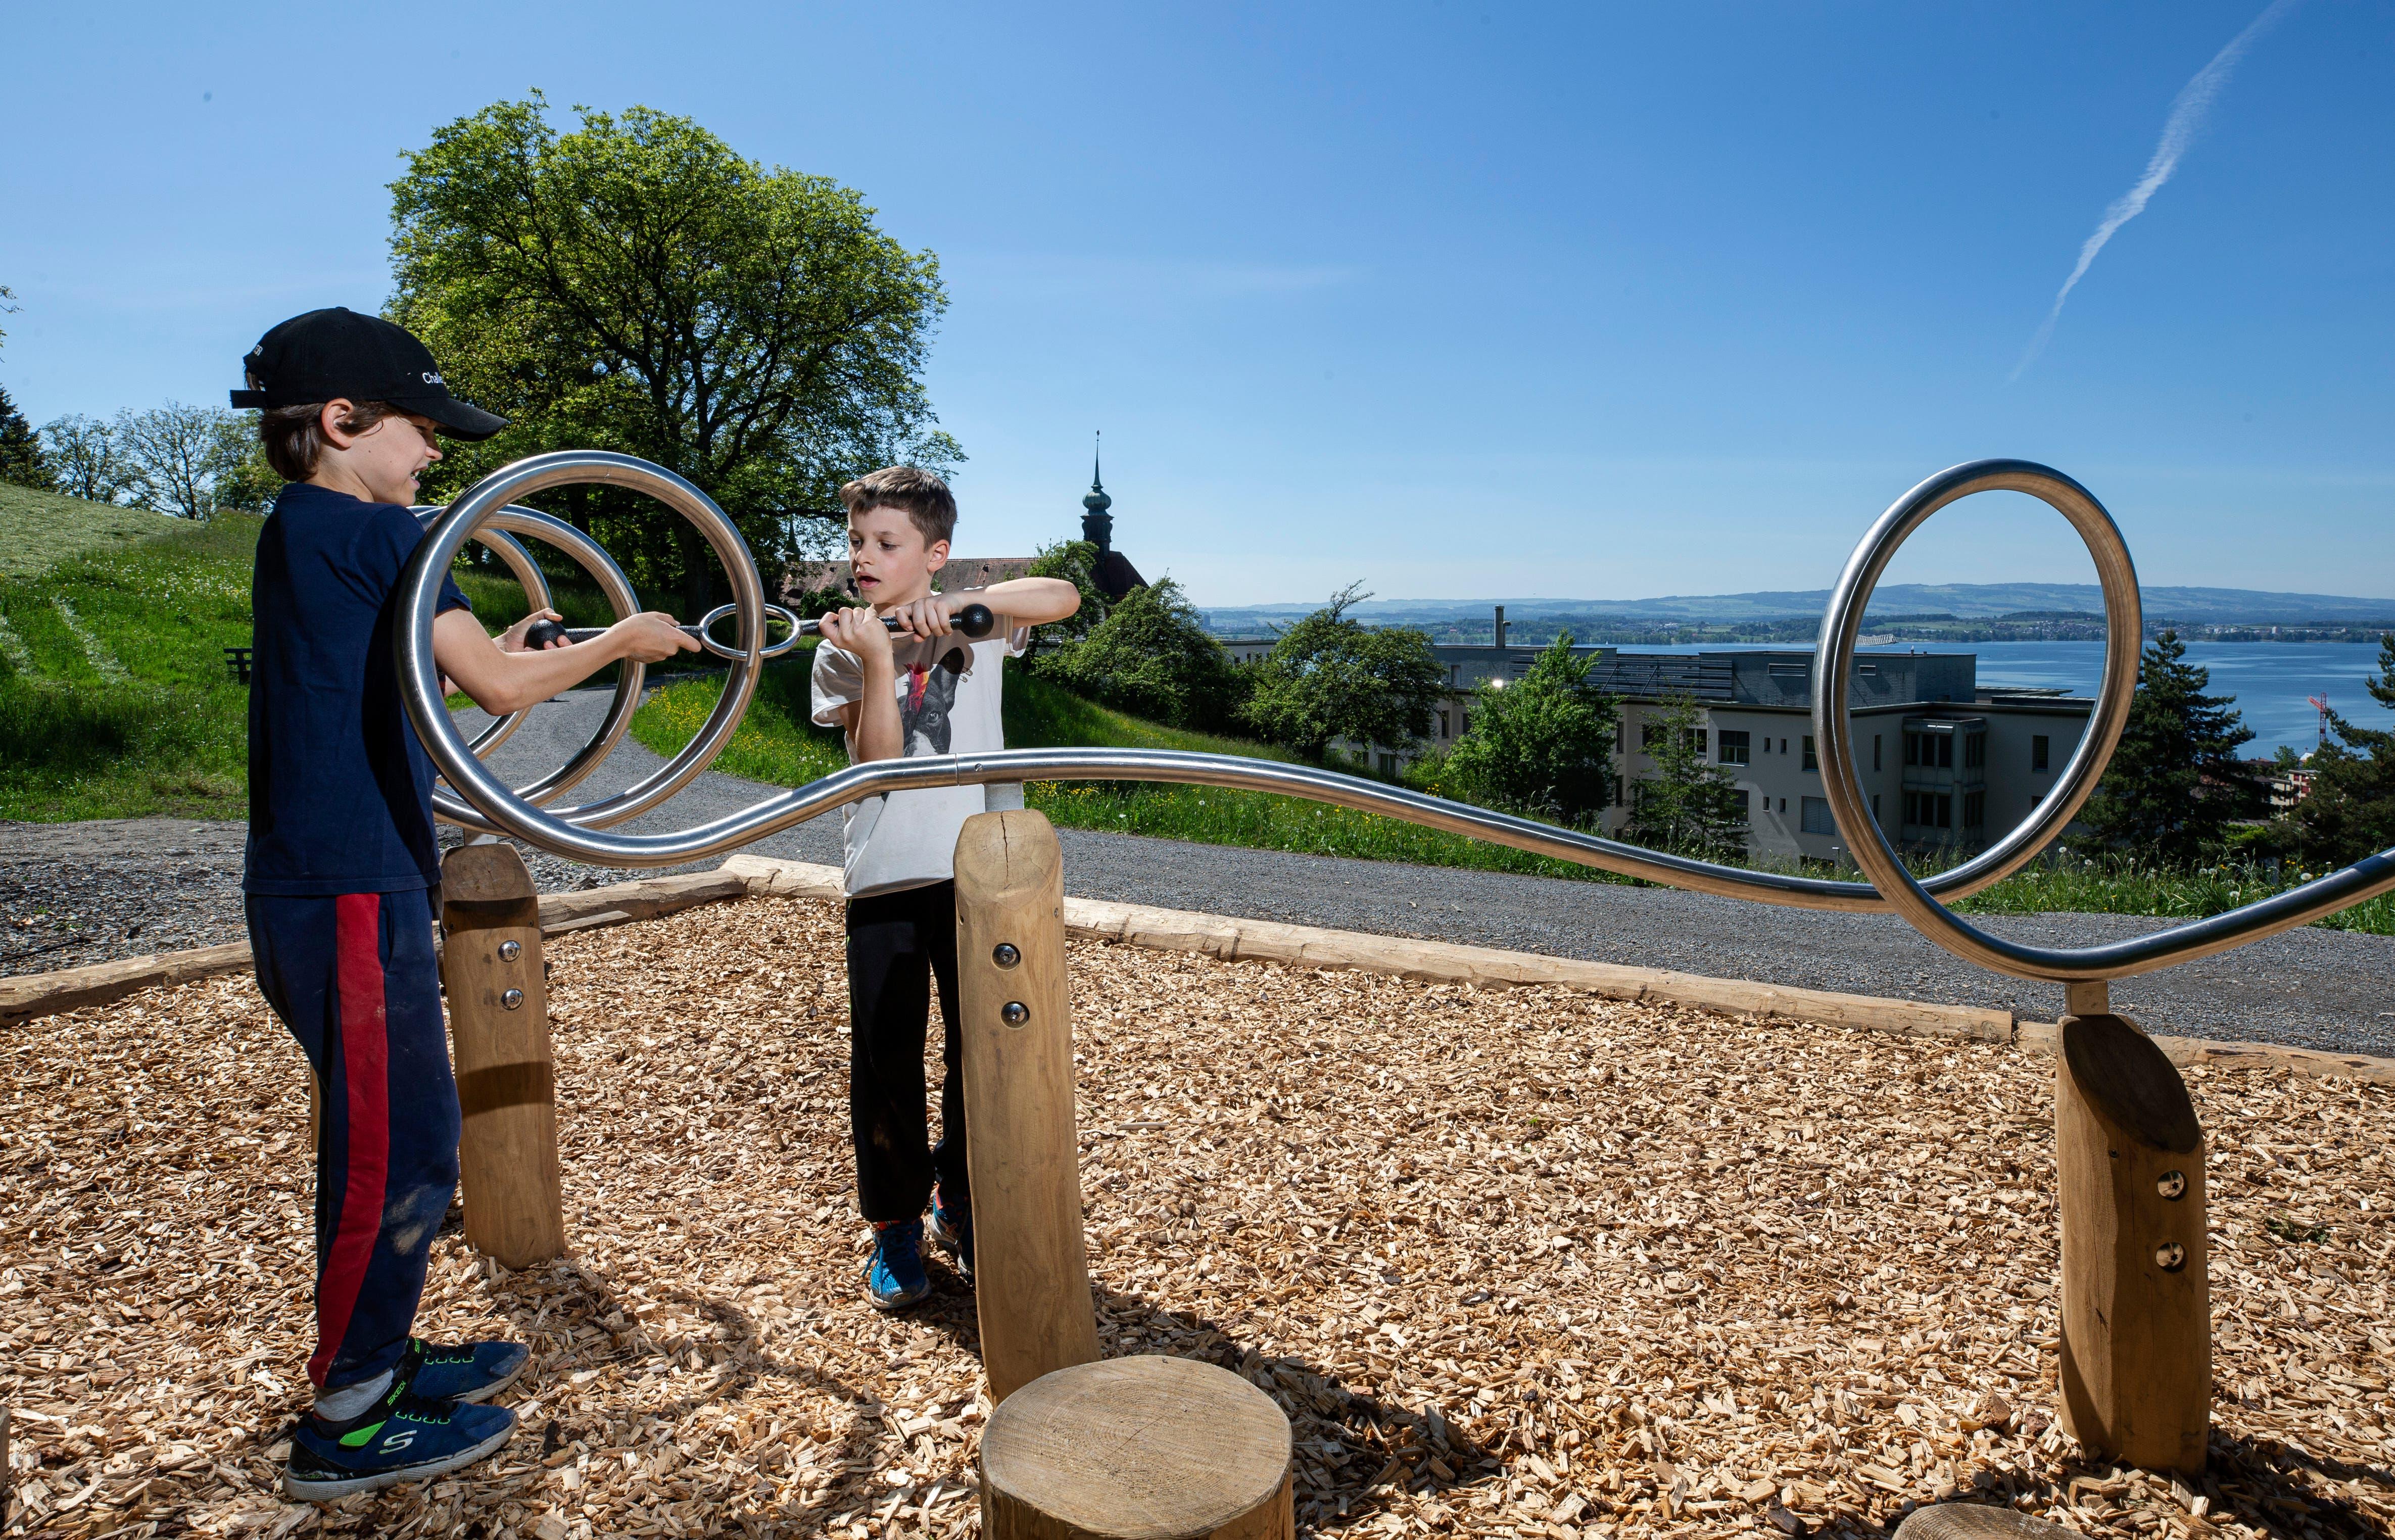 Der neue Zuger Waldparcours verbindet Sport und Kultur: Beim Posten Nummer 11 am Waldrand ist Geschicklichkeit gefragt. Die beiden neunjährigen Schüler Dominik und Liam aus Zug üben sich konzentriert am «Geduldsfaden».